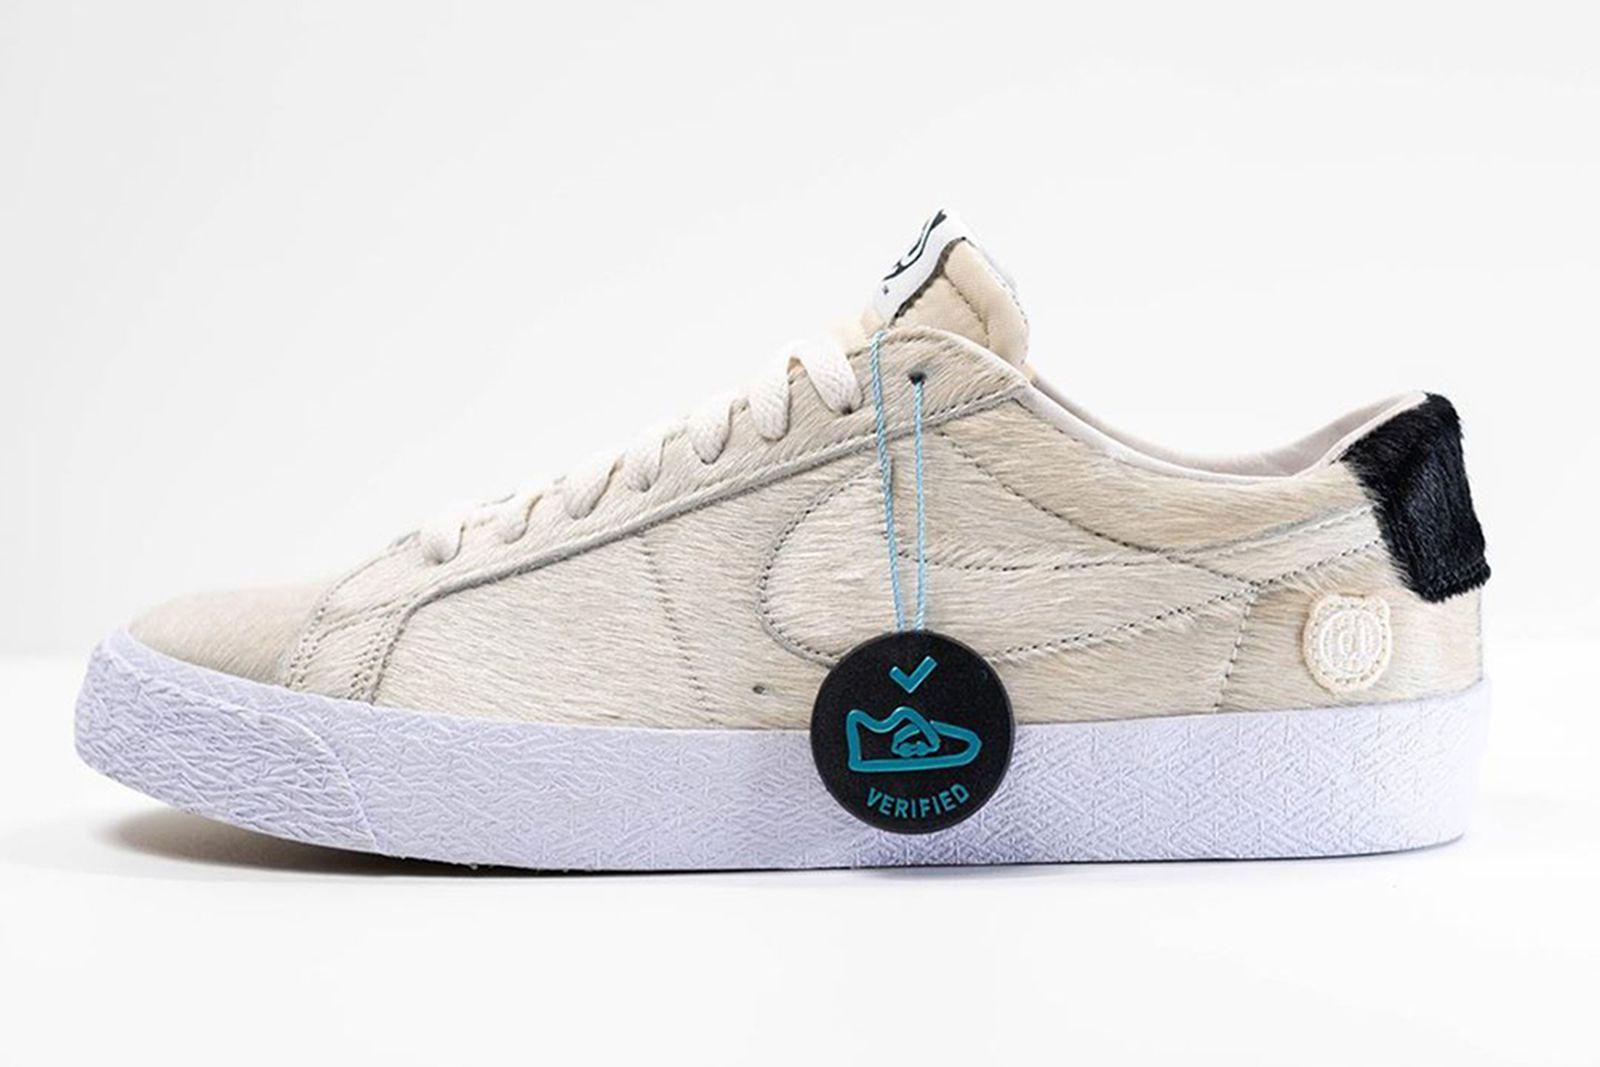 Medicom Toy Nike SB Blazer Low